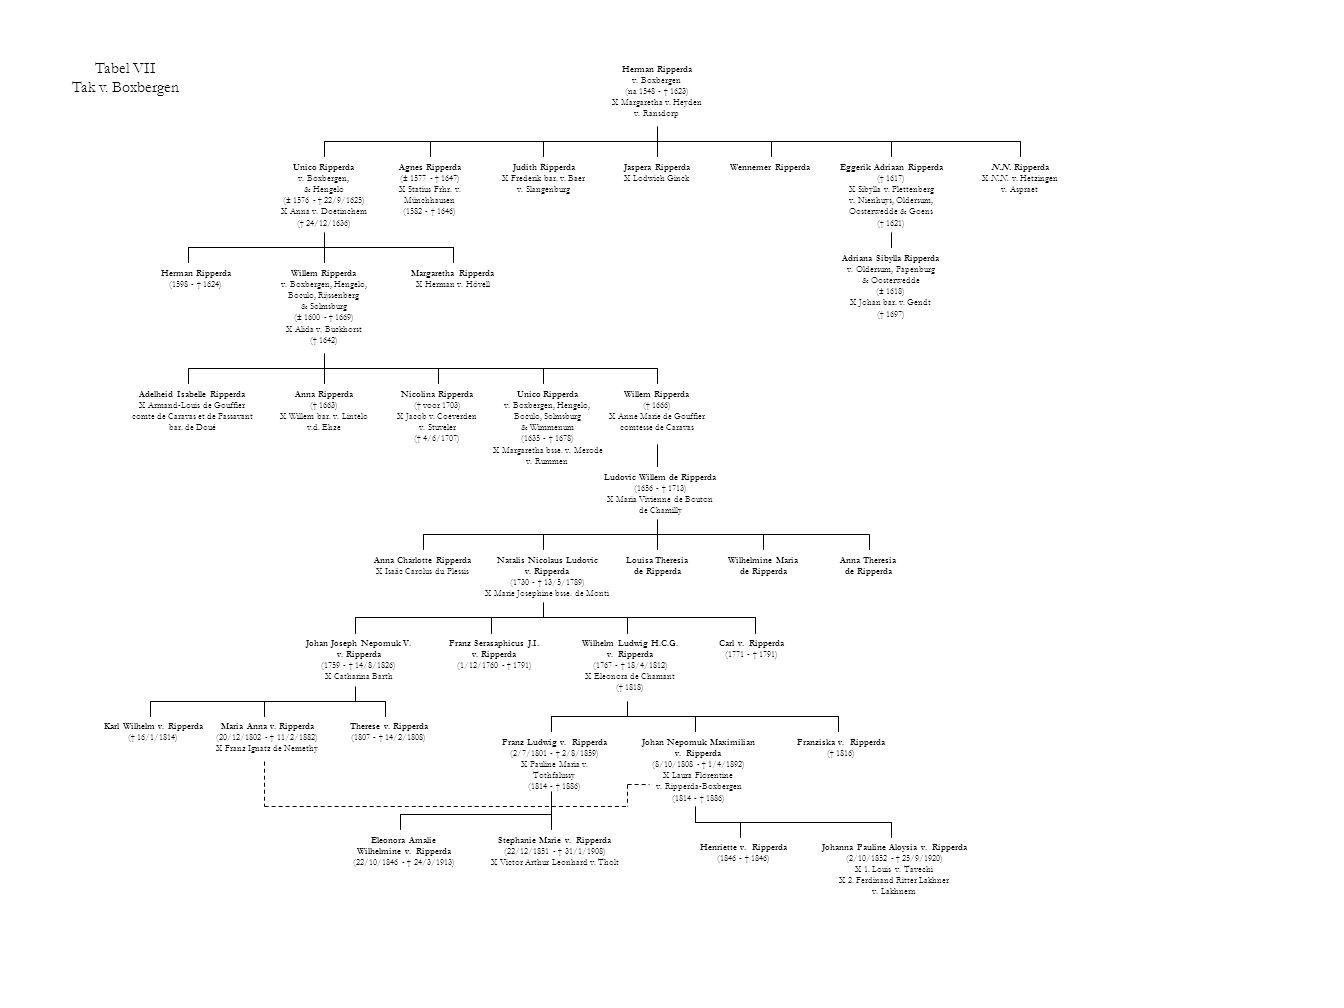 Tabel VII Tak v. Boxbergen Herman Ripperda v. Boxbergen